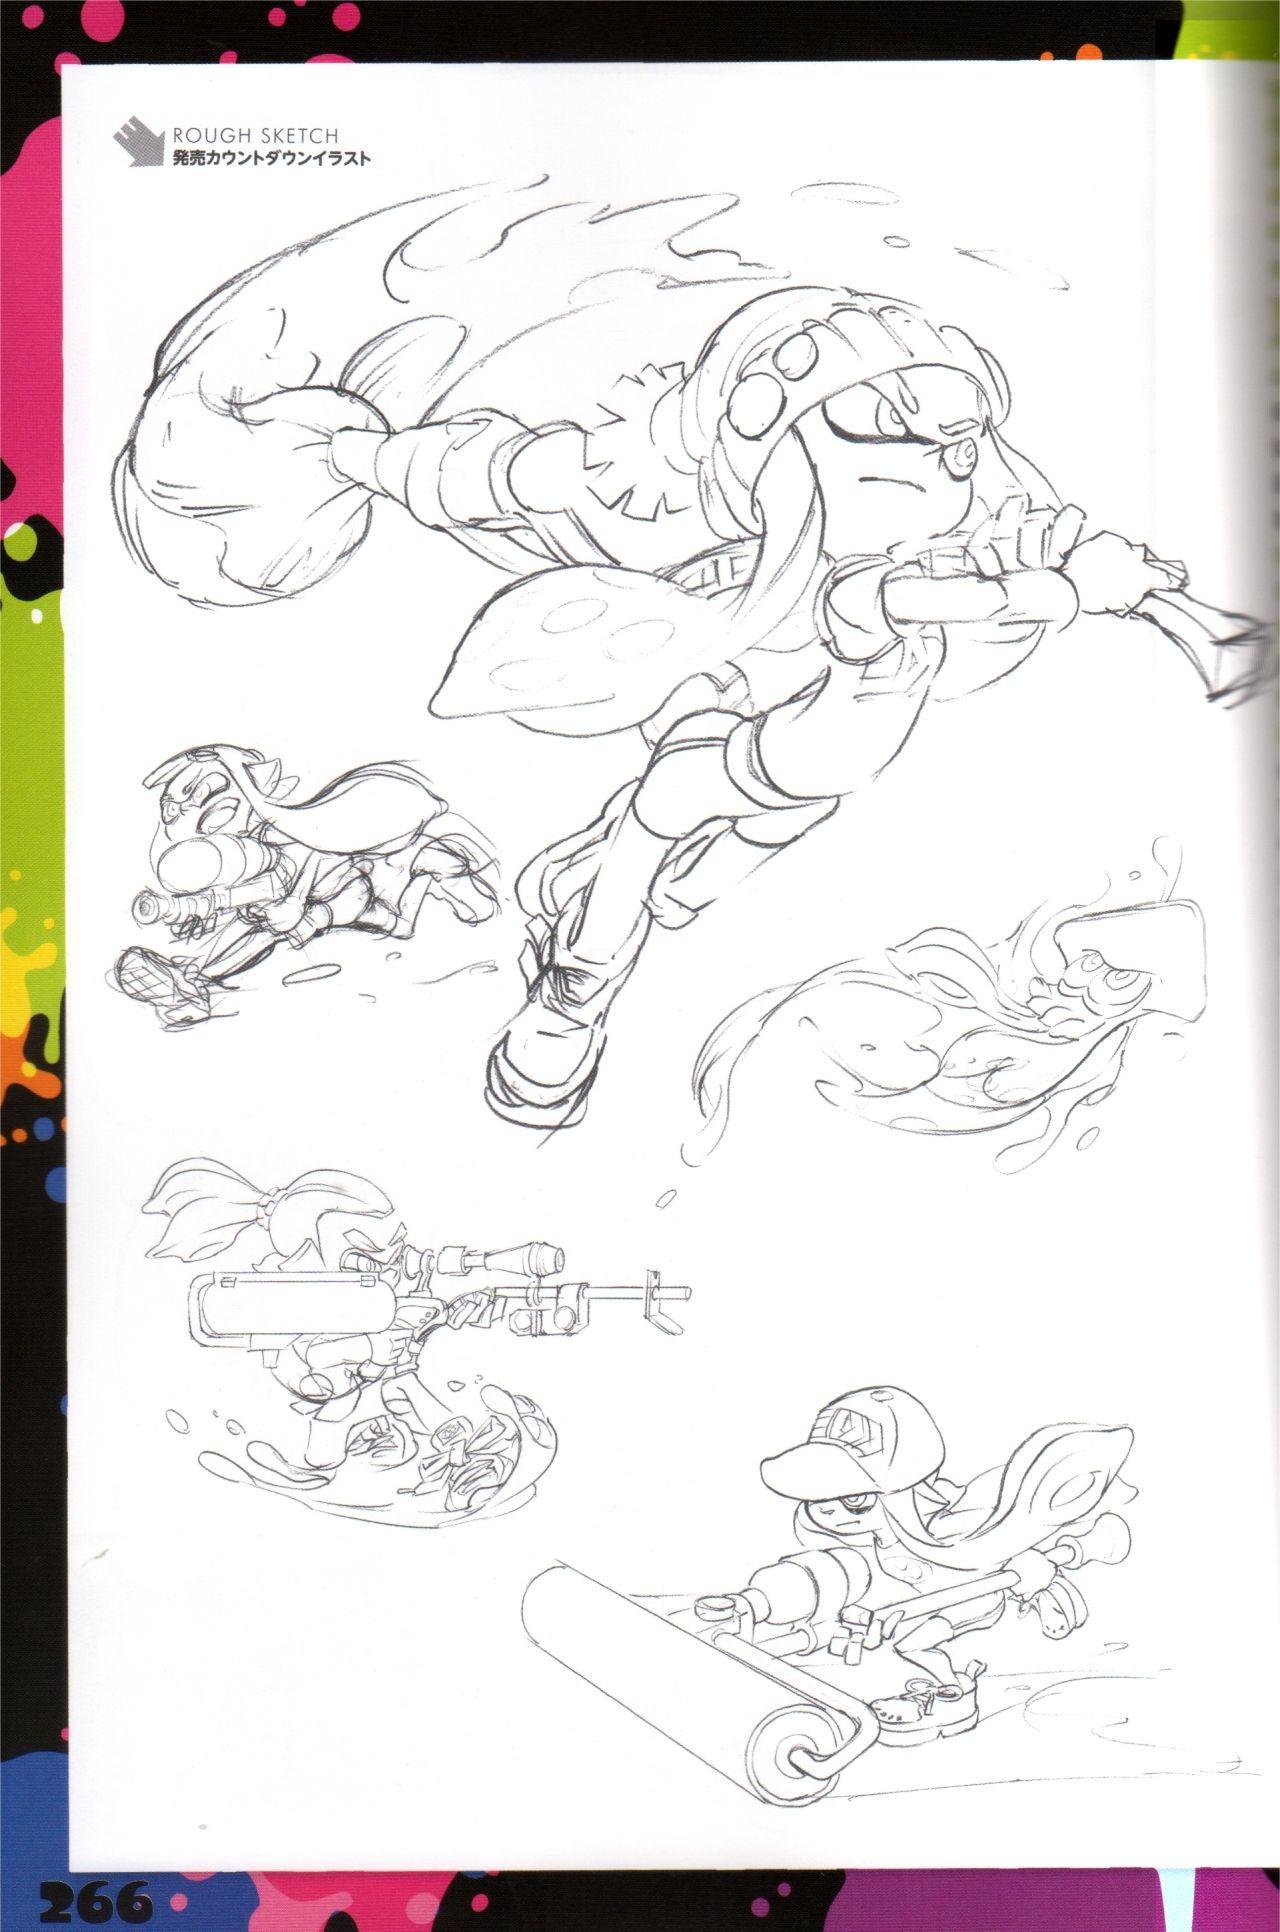 Splatoon Ikasu Artbook   Idées Esquisses, Coloriage, Dessin destiné Coloriage Splatoon